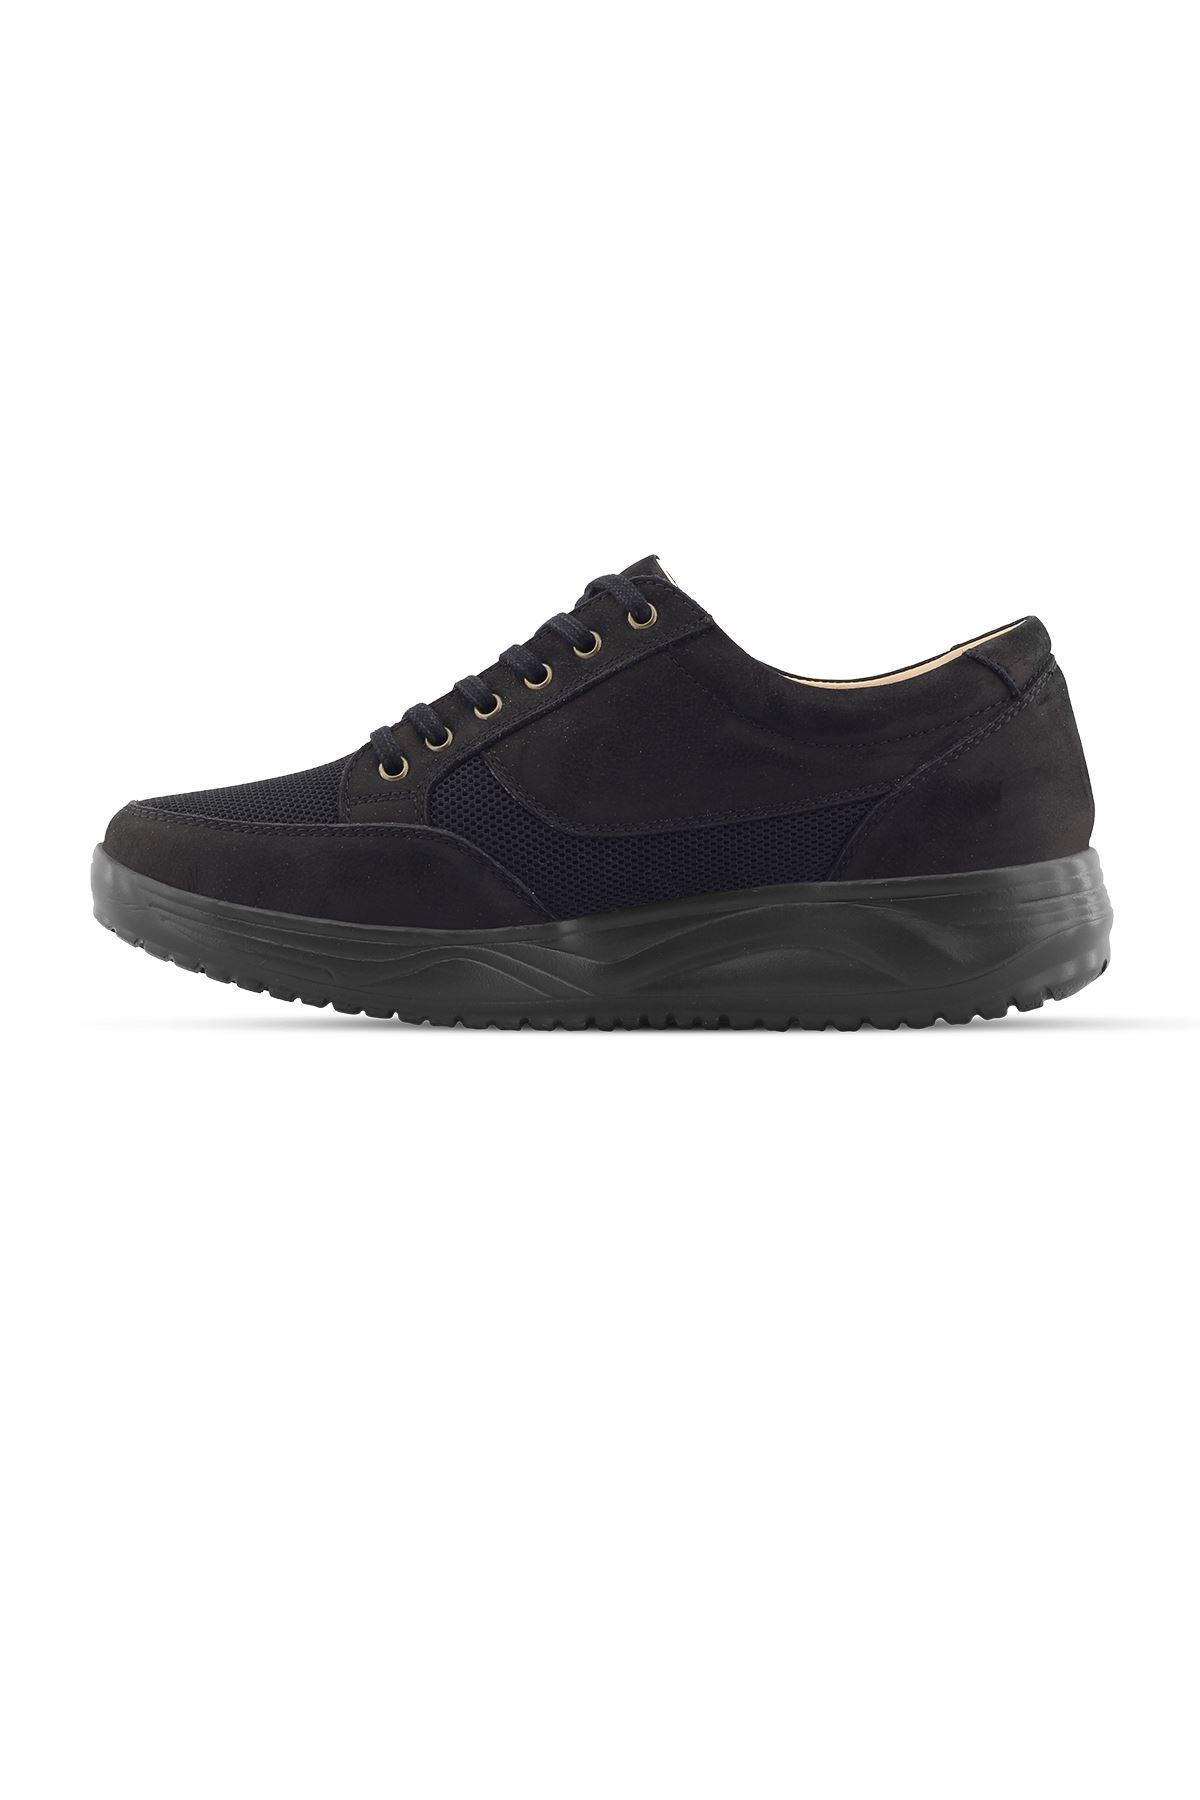 1656 Nubuk Siyah Erkek Yürüyüş Ayakkabısı